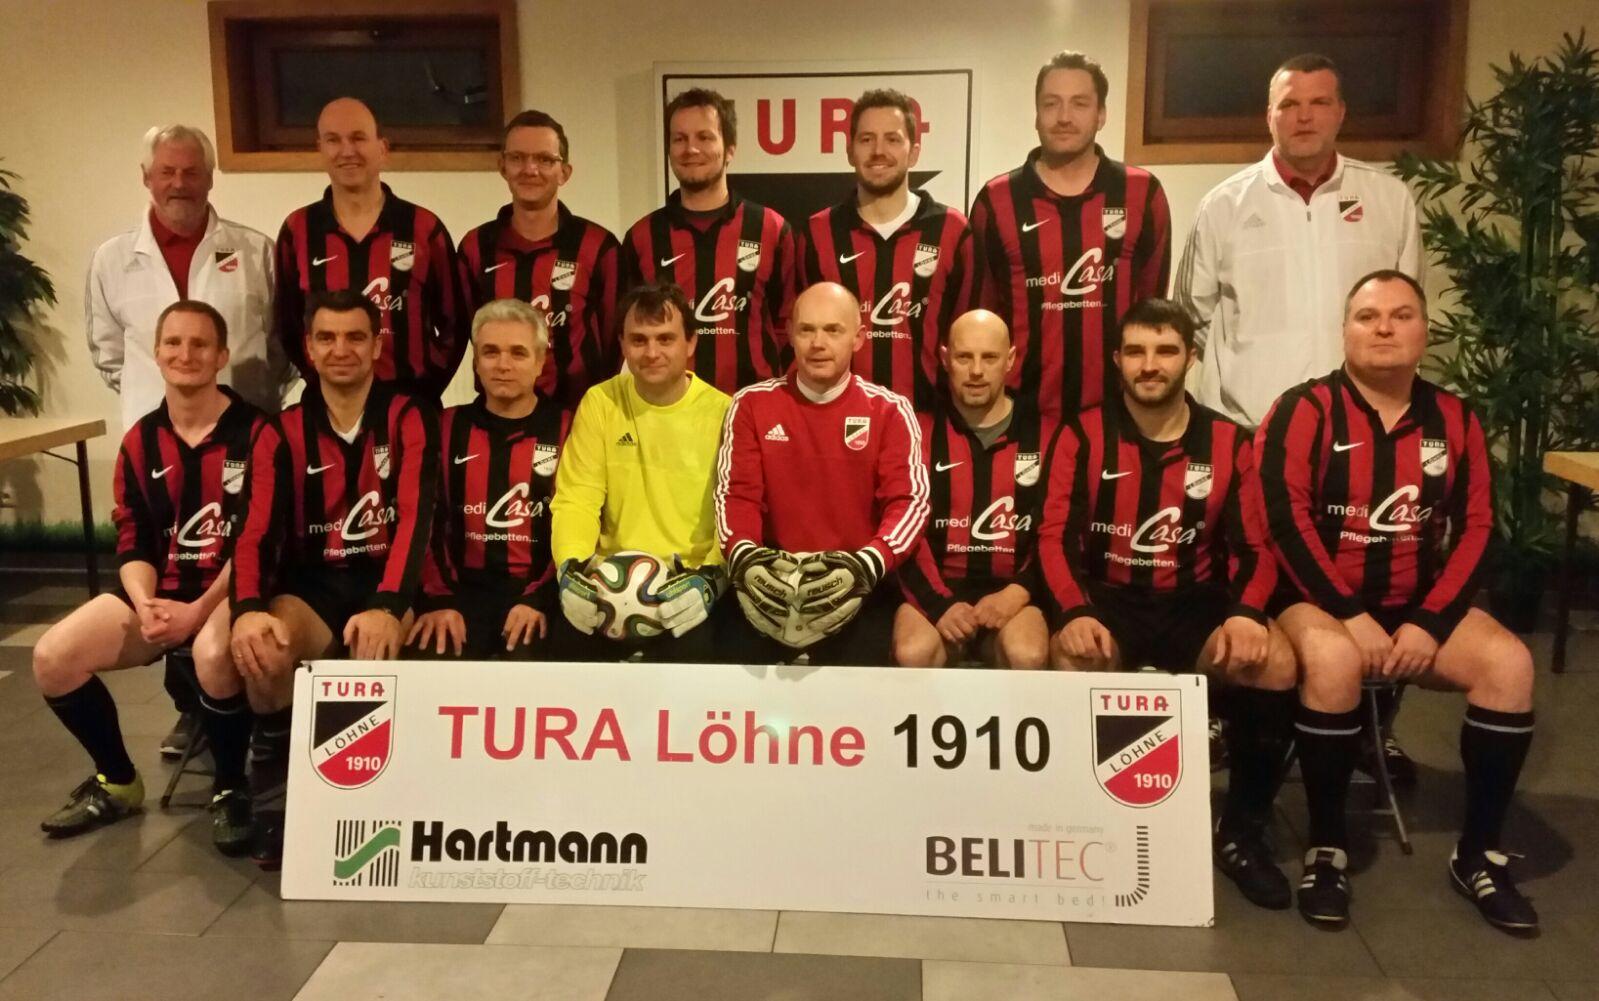 tura_loehne_alte_herren